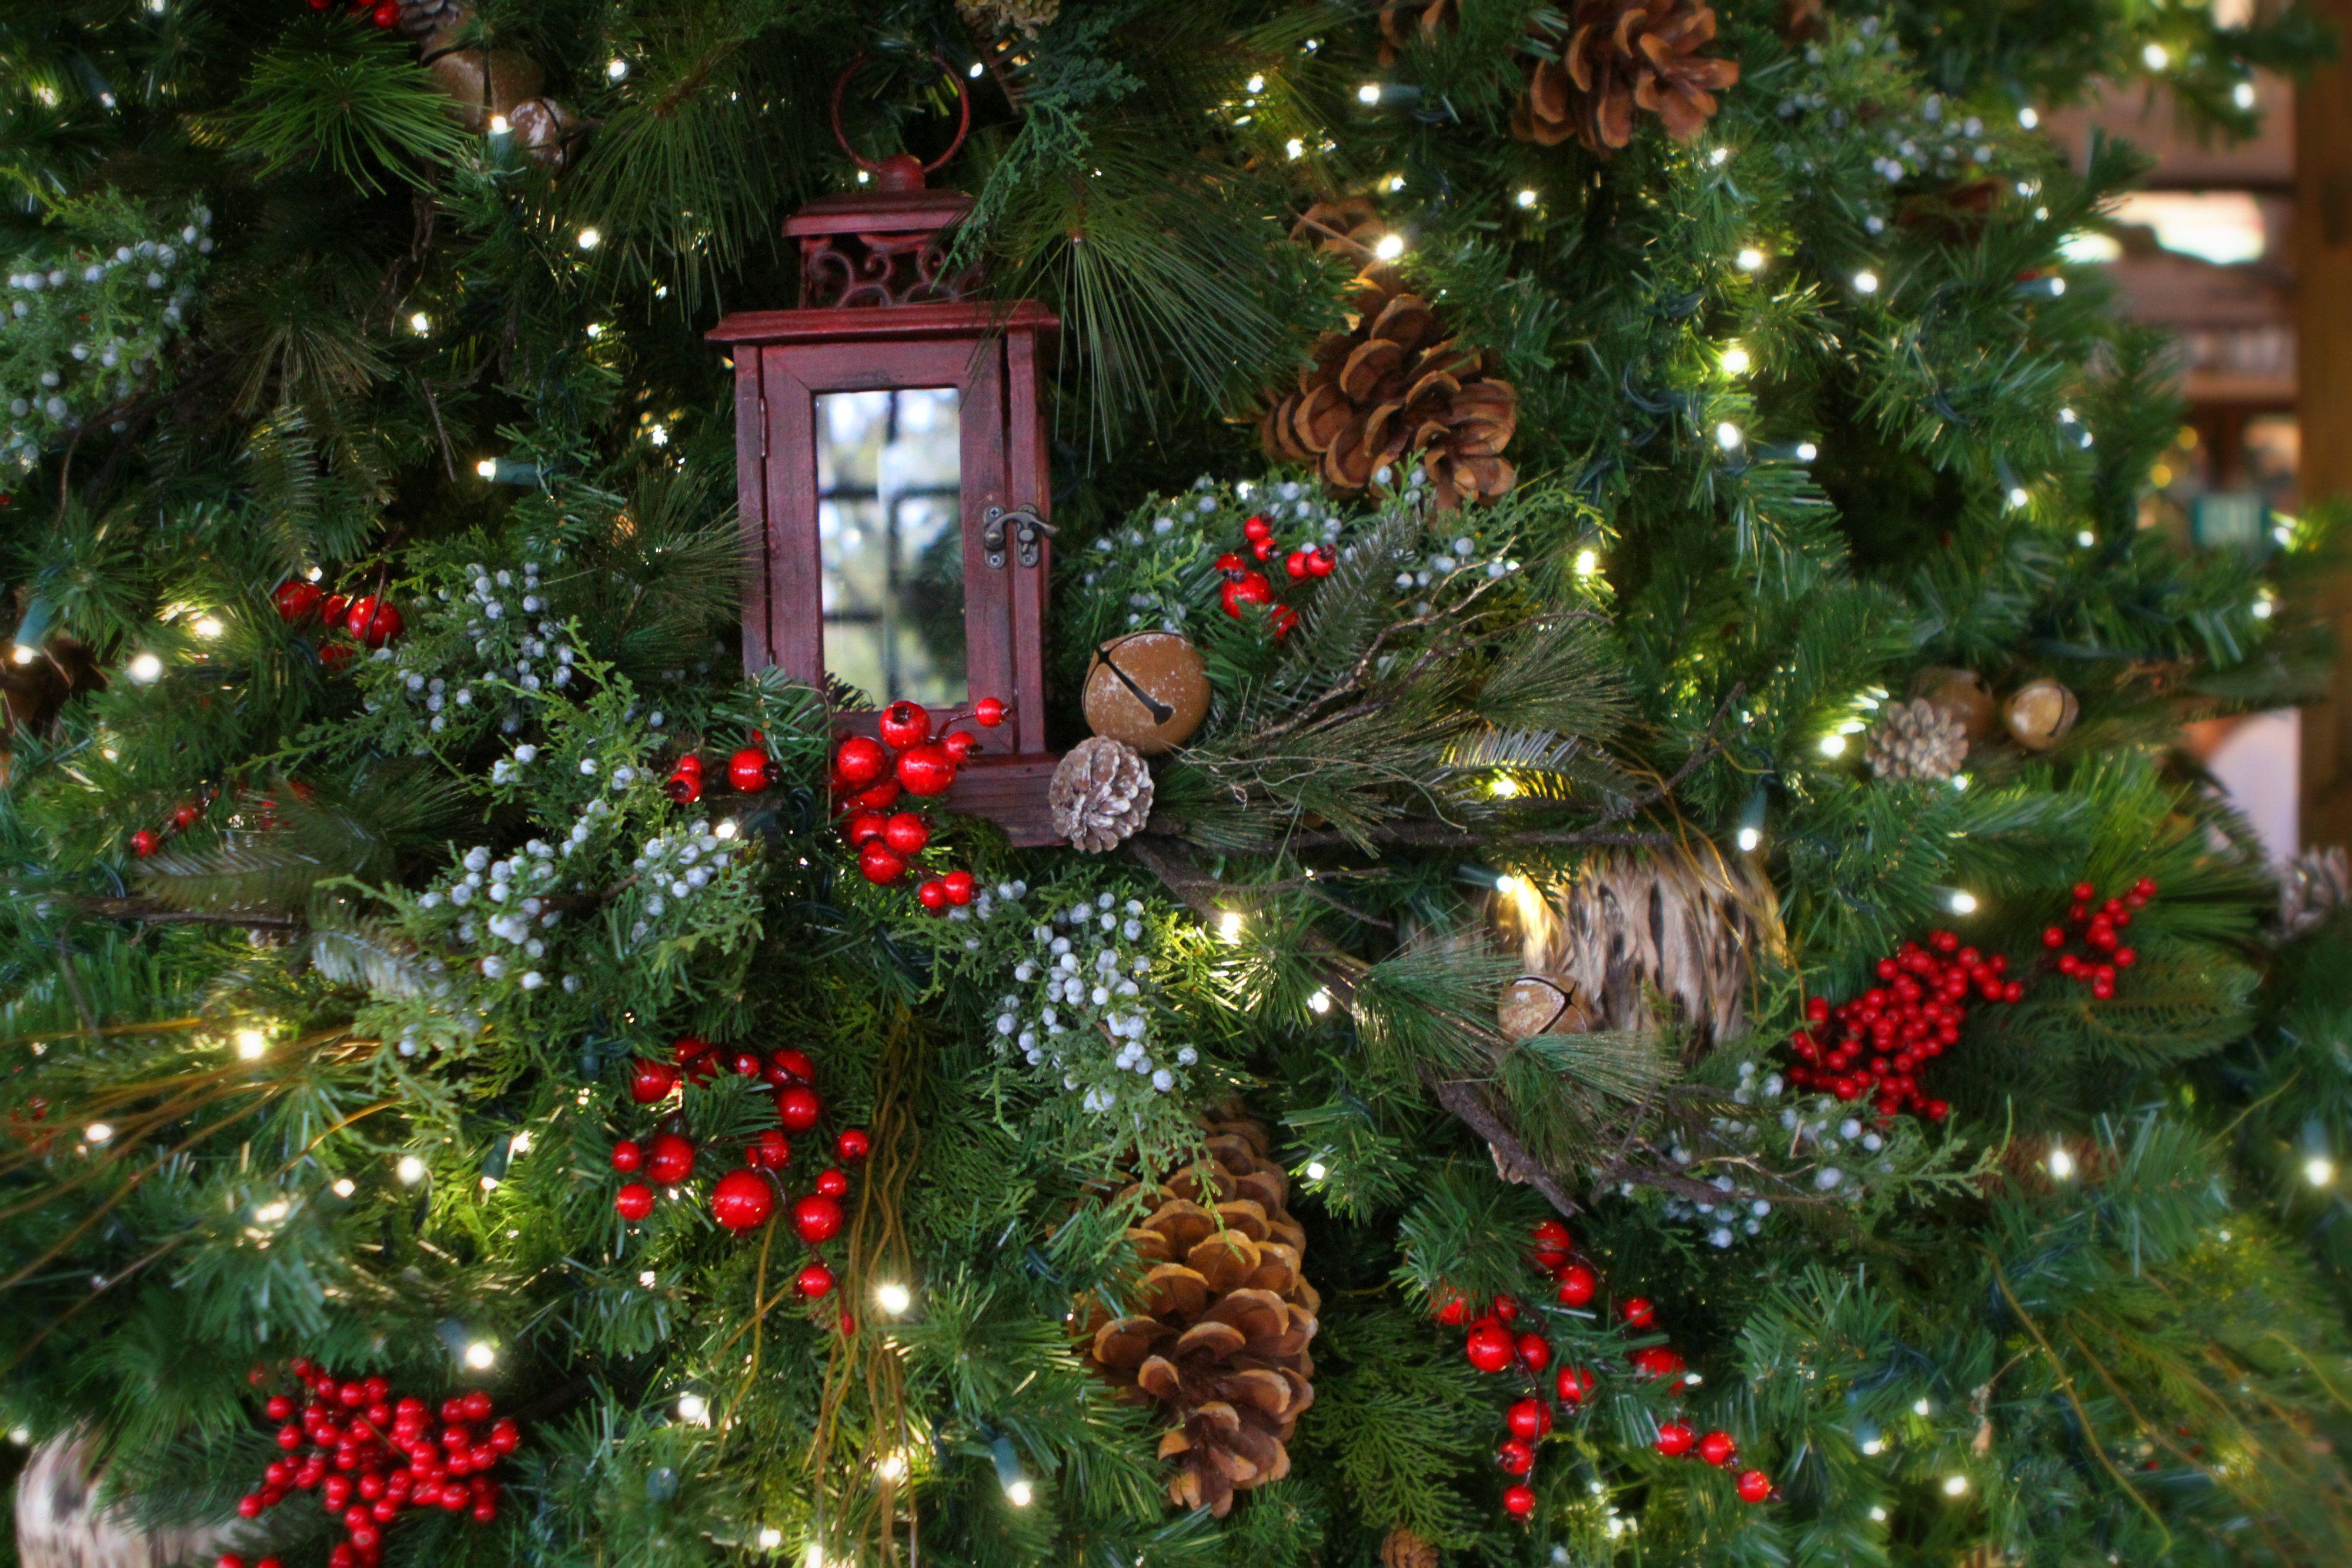 Rustic elegant christmas décor at big cedar lodge g